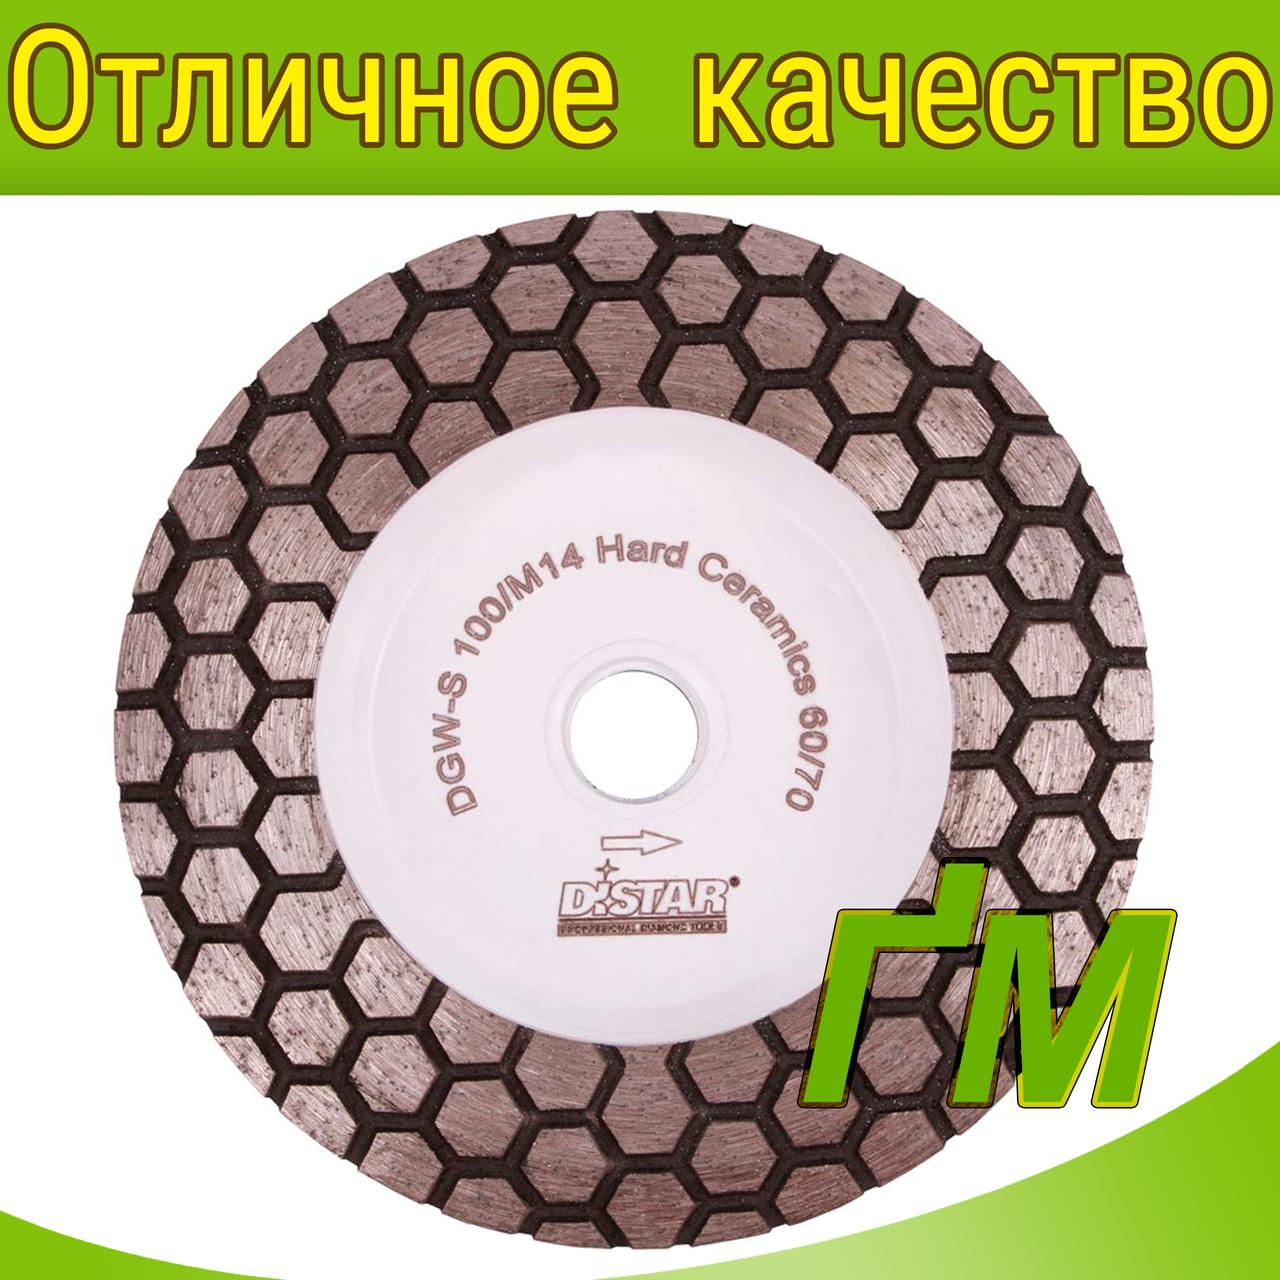 Алмазные фрезы Distar Hard Ceramics 60 DGM-S 100/M14